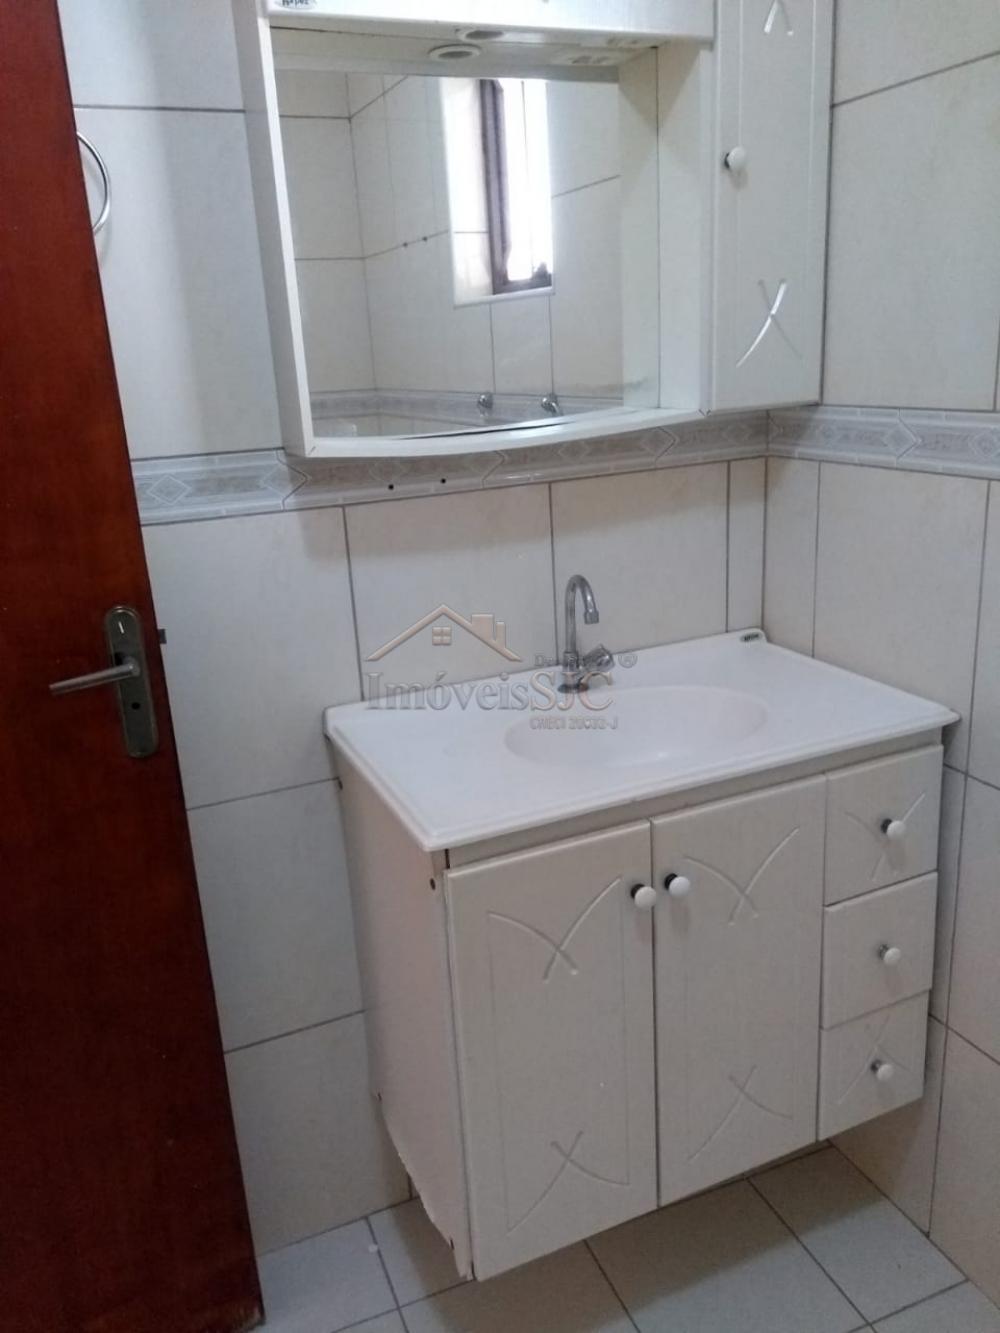 Alugar Casas / Padrão em São José dos Campos apenas R$ 1.800,00 - Foto 13